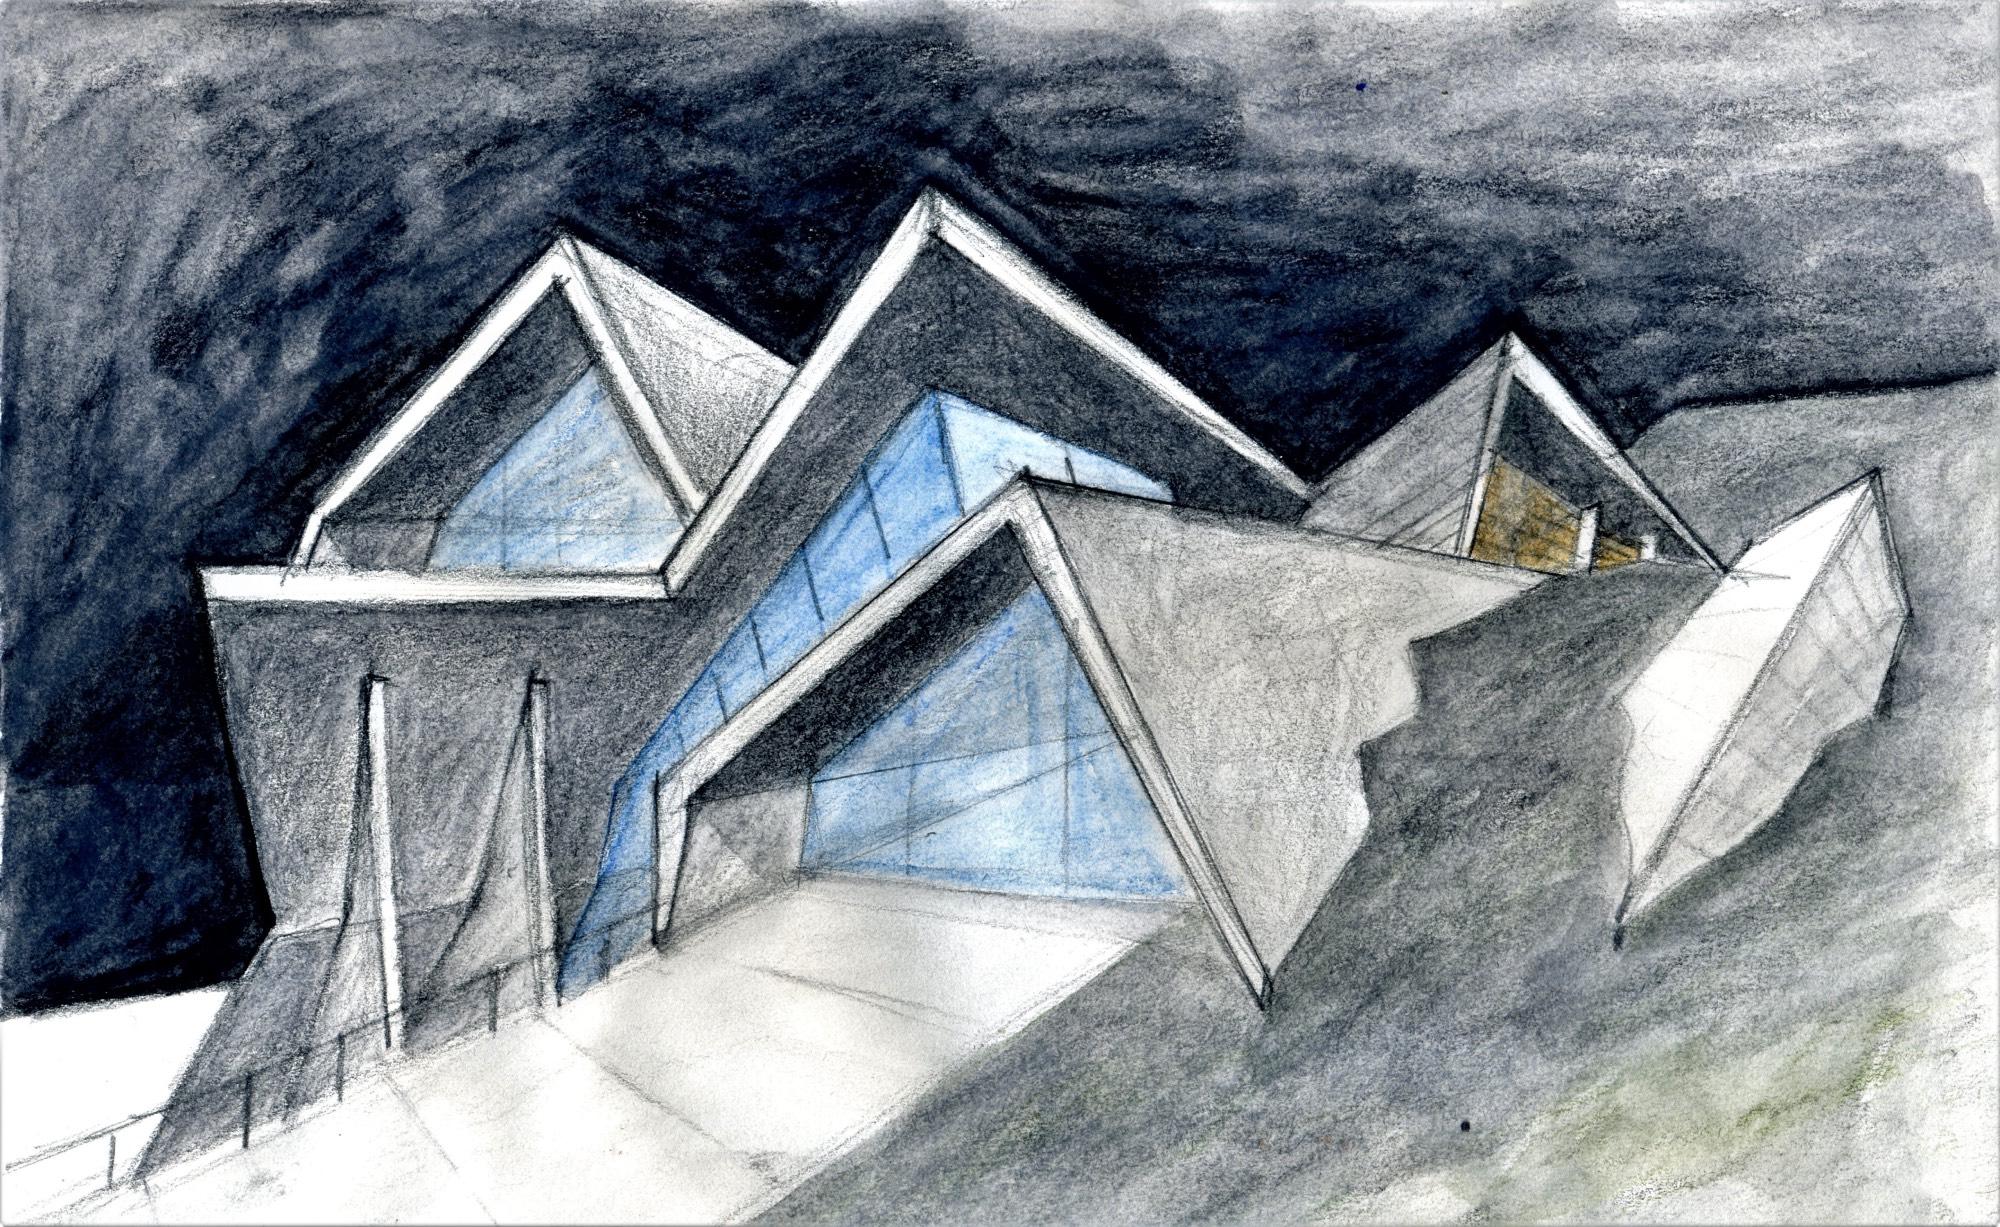 Αρχιτεκτονική σύνθεση: τέλος ή αρχή;